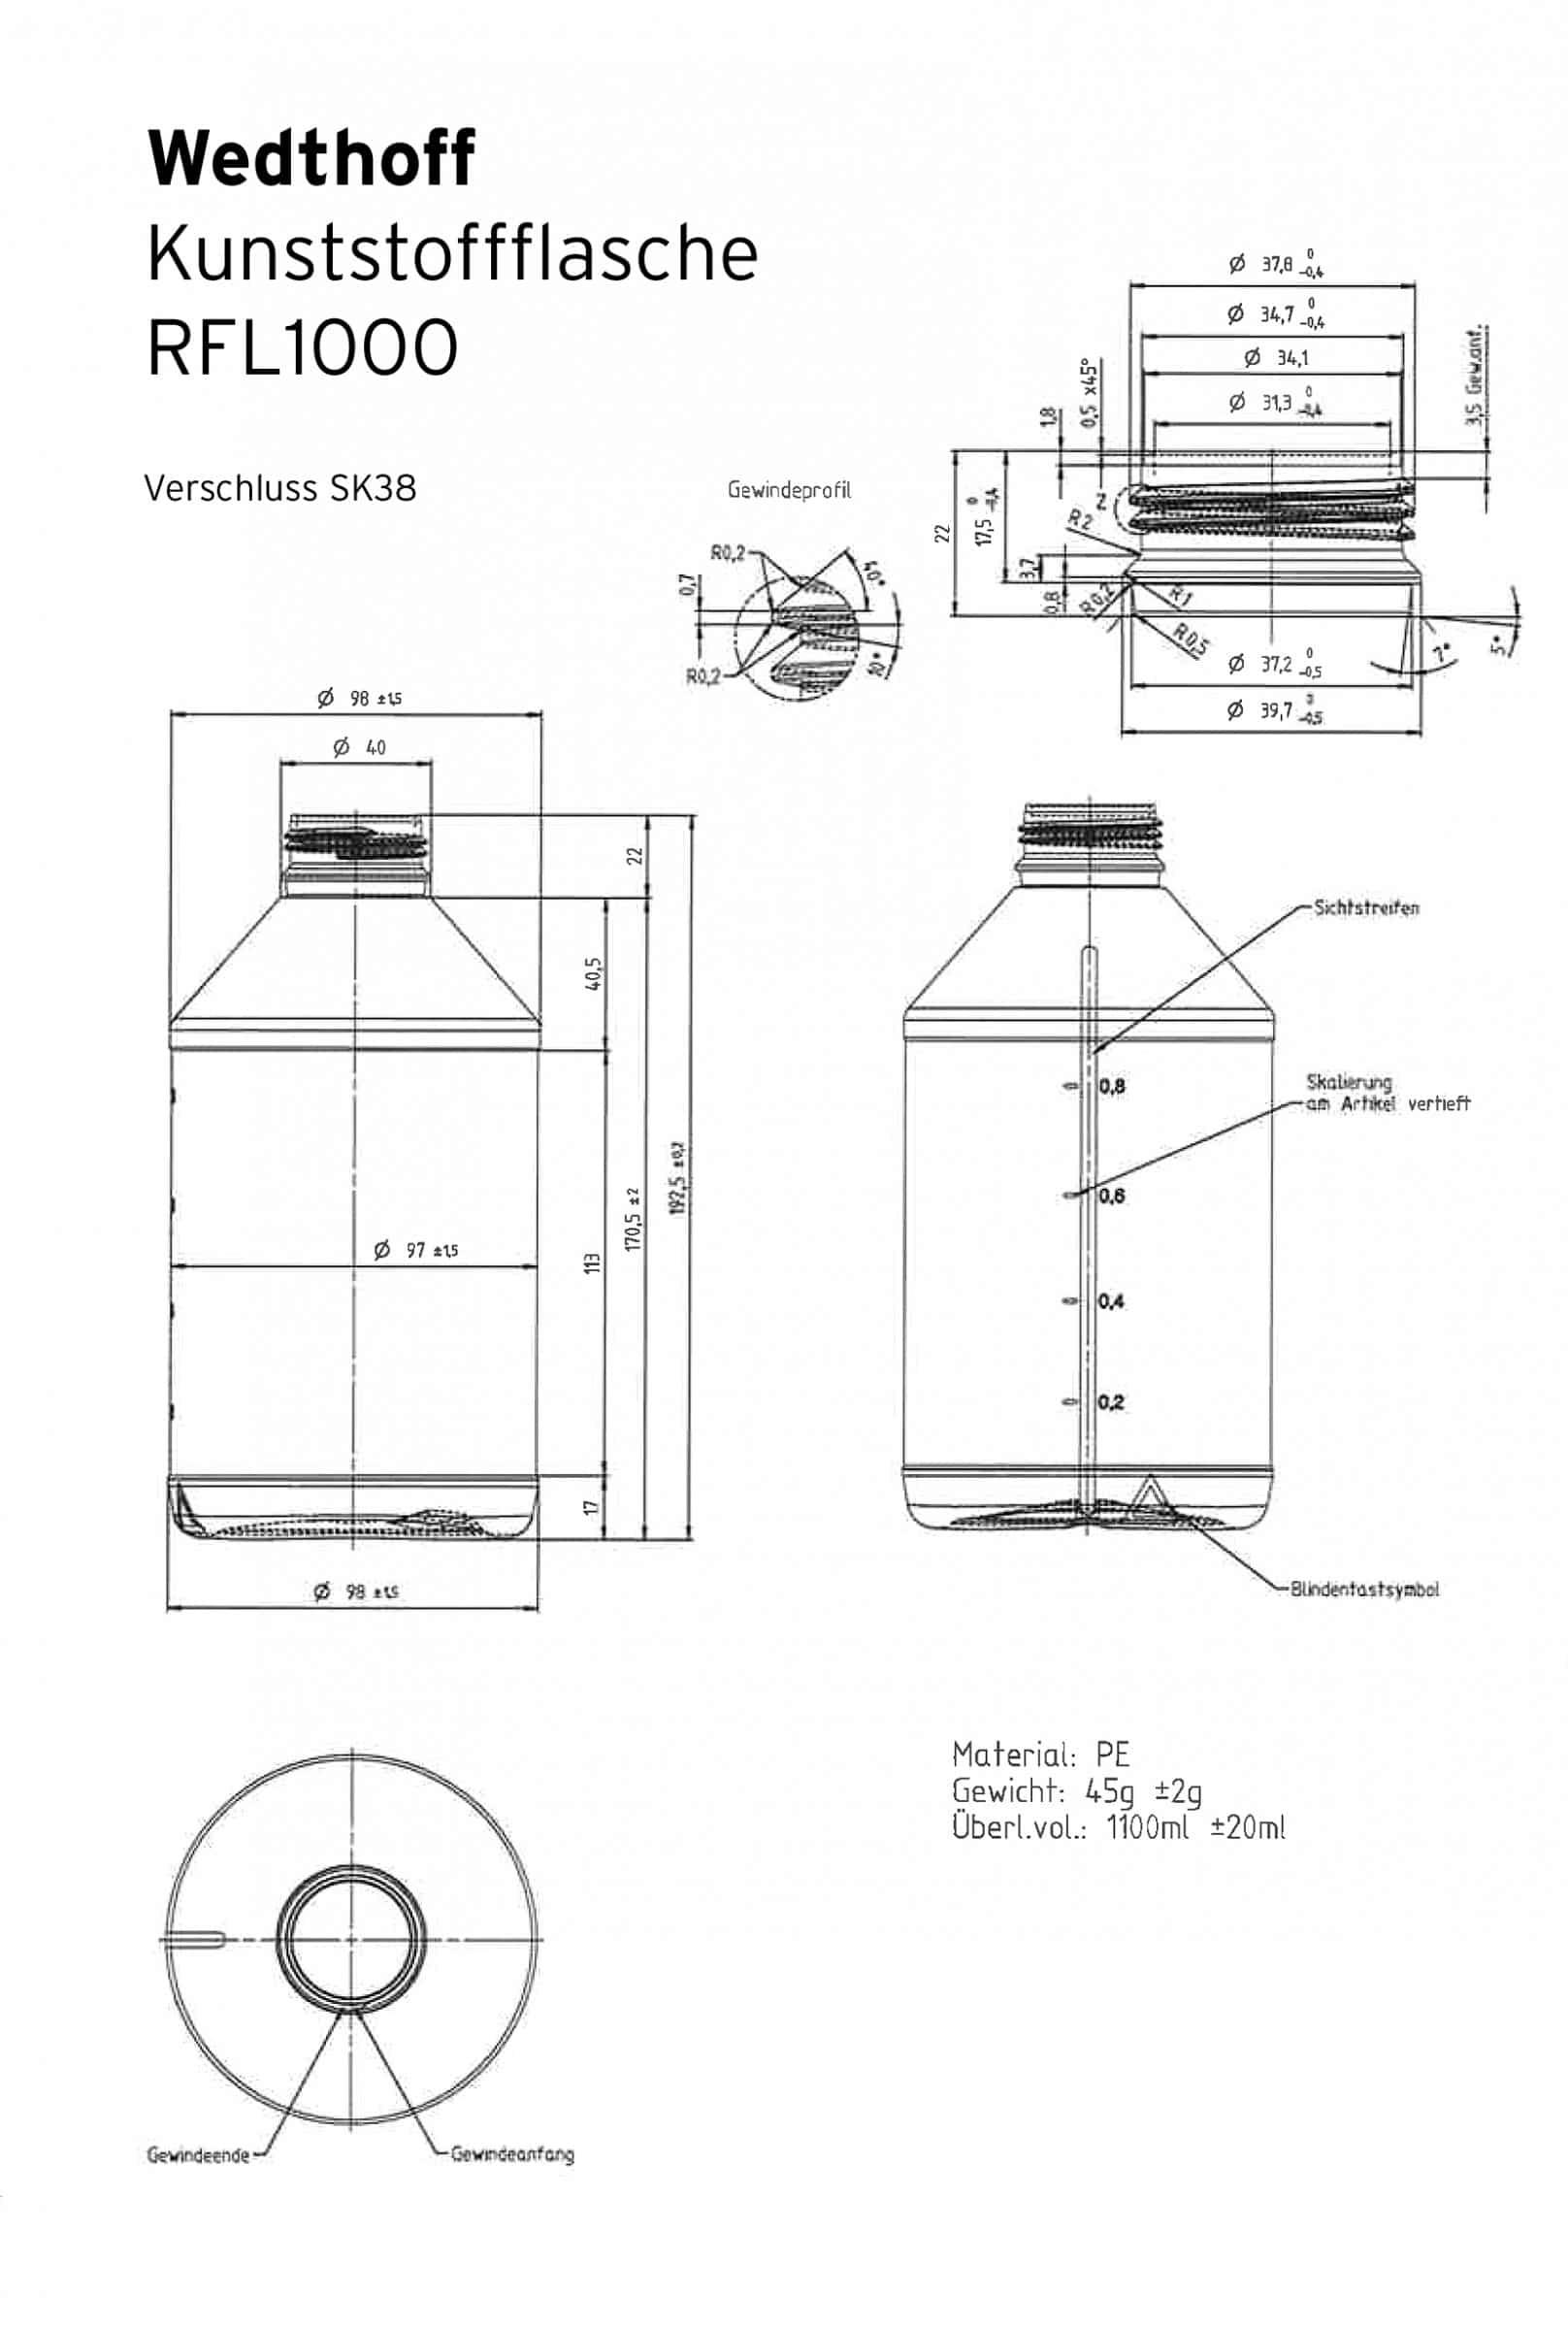 Aufmass Kunststoffflasche 1 Liter RFL1000. Ideale Kunststoffflasche für Desinfektionsmittel (Sterillium) von WEDTHOFF Industrieverpackungen